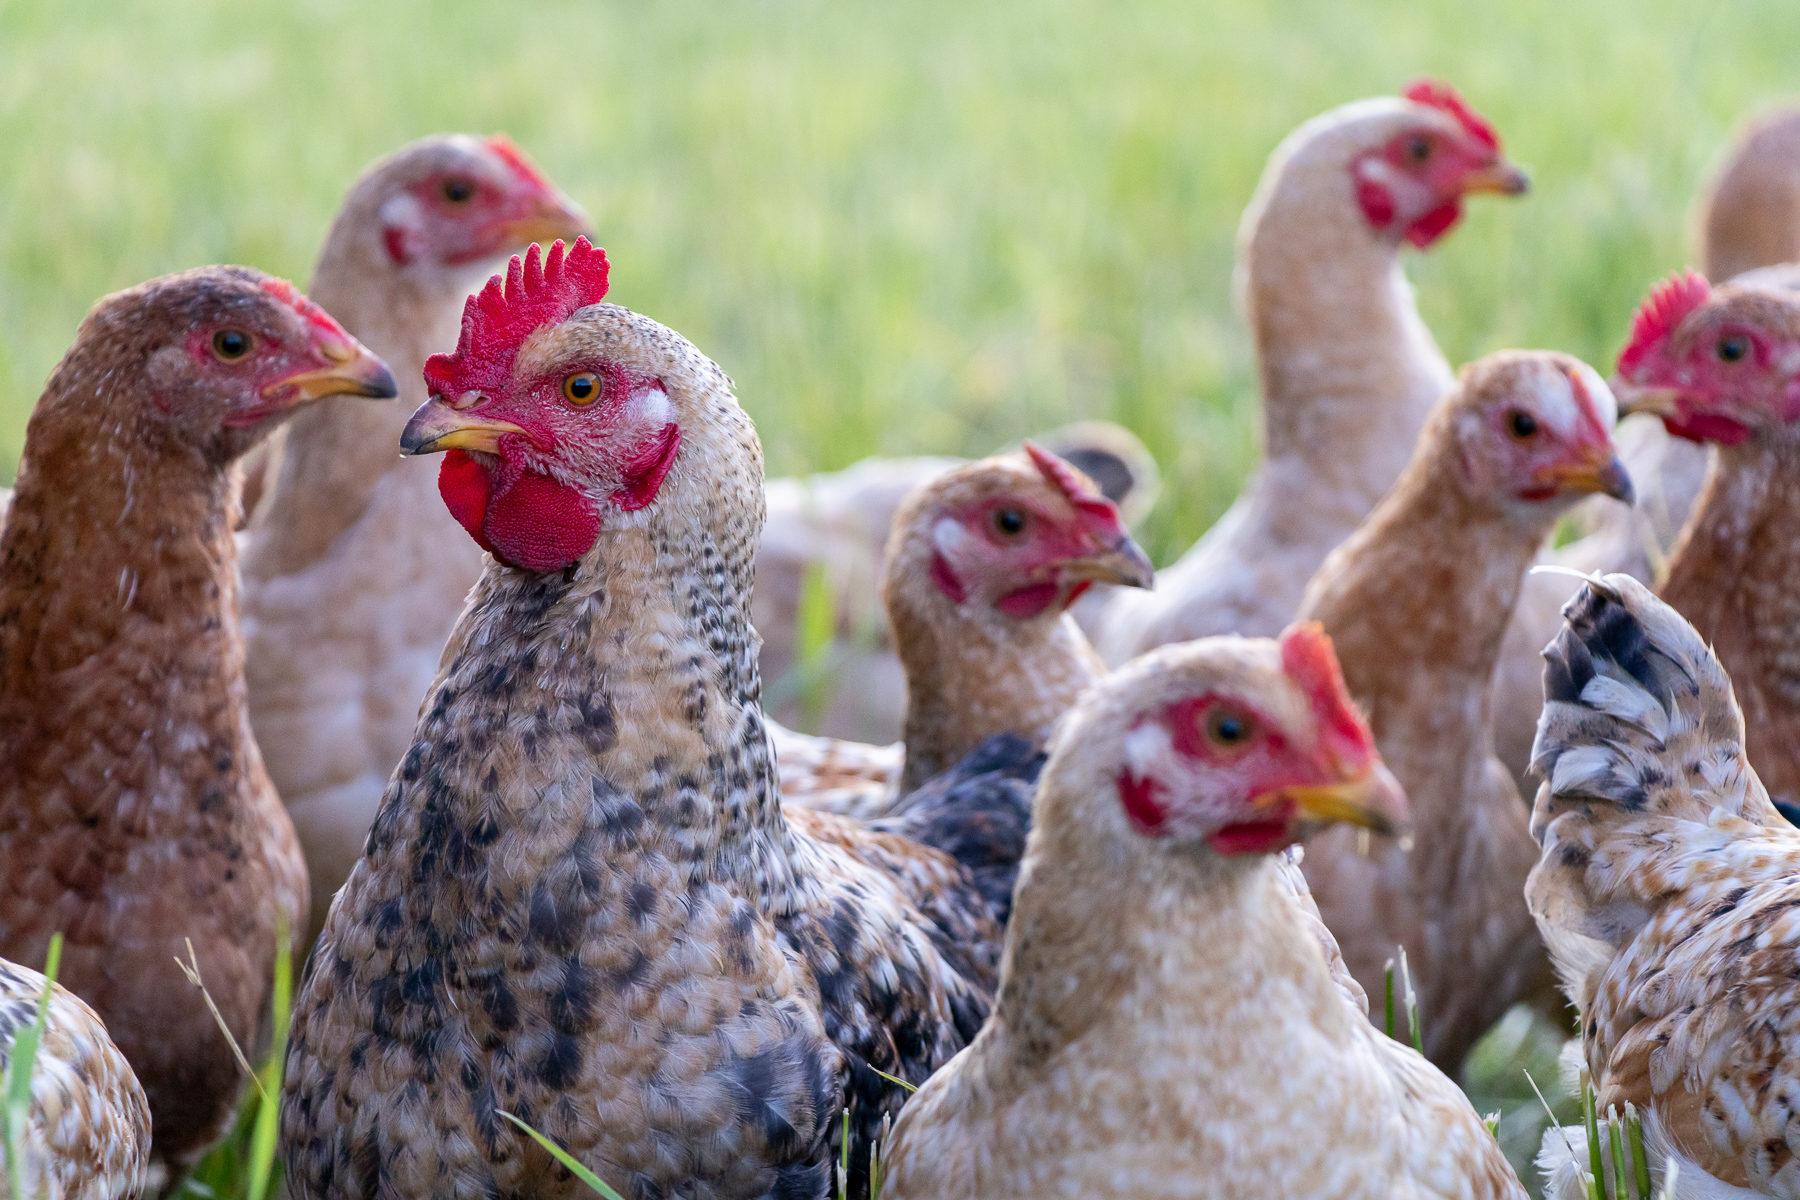 Für Raubtiere wie Kojoten sind Hühner eine leckere Mahlzeit.